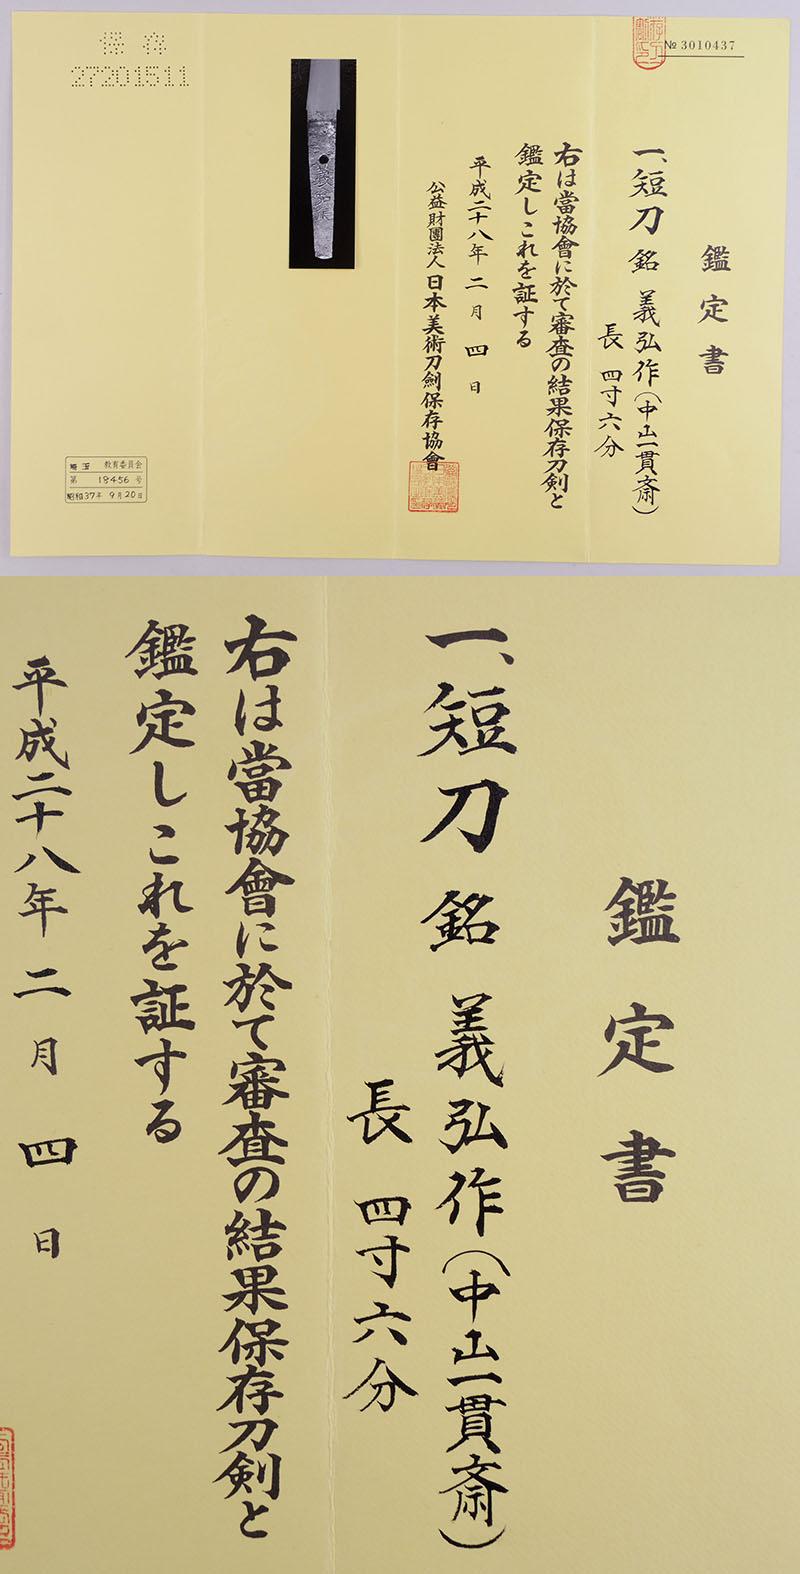 義弘作(中山一貫斎義弘) Picture of Certificate